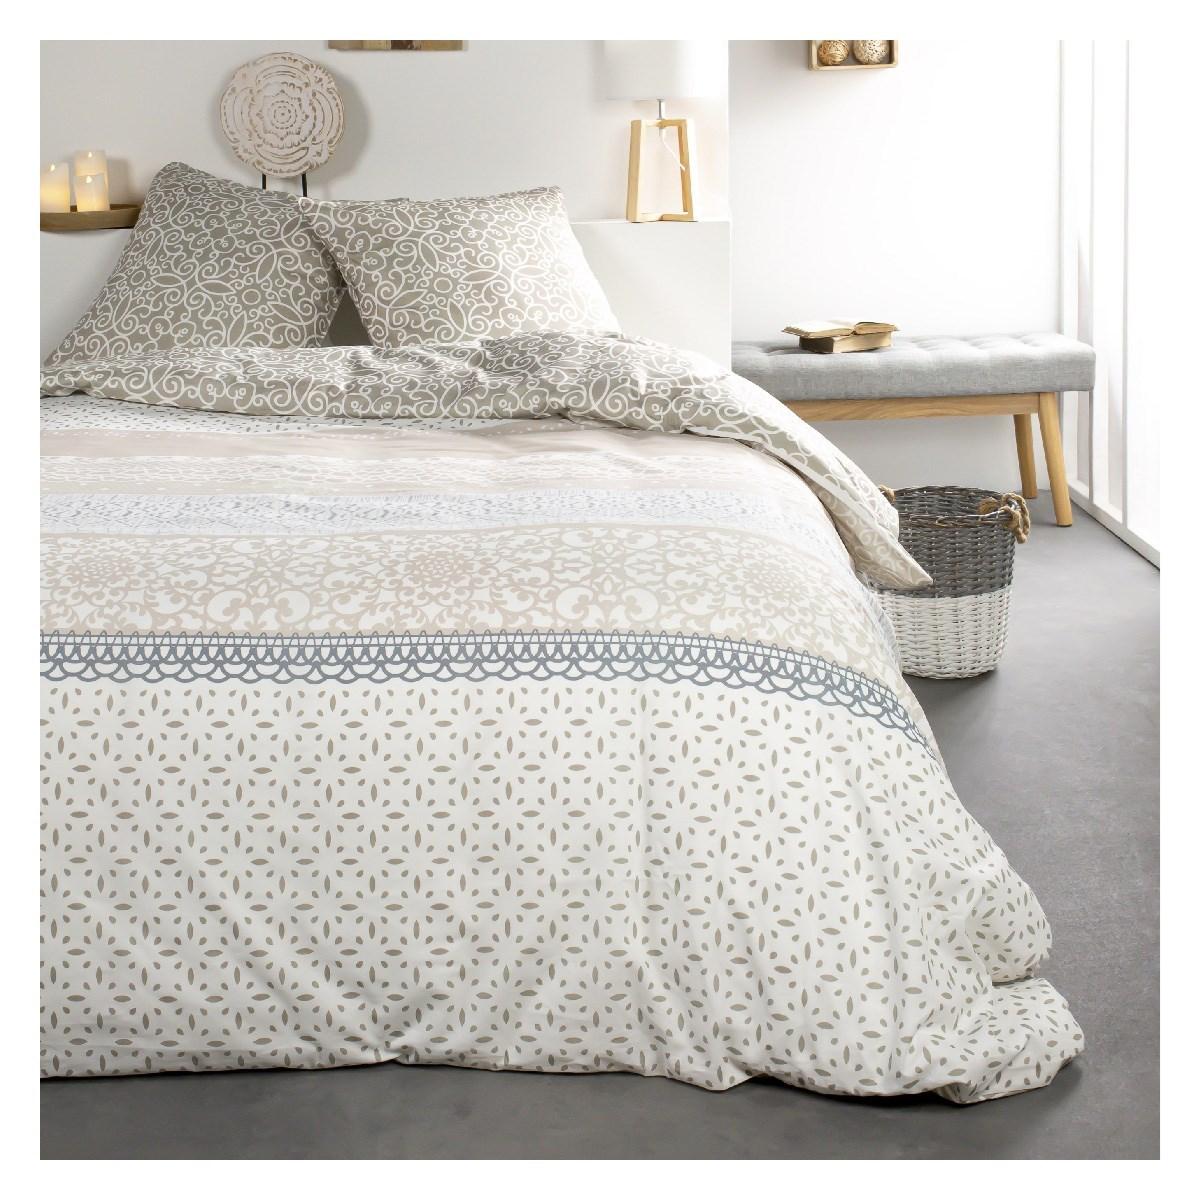 Parure de lit 2 personnes imprimé floral en Coton Beige 240x260 cm